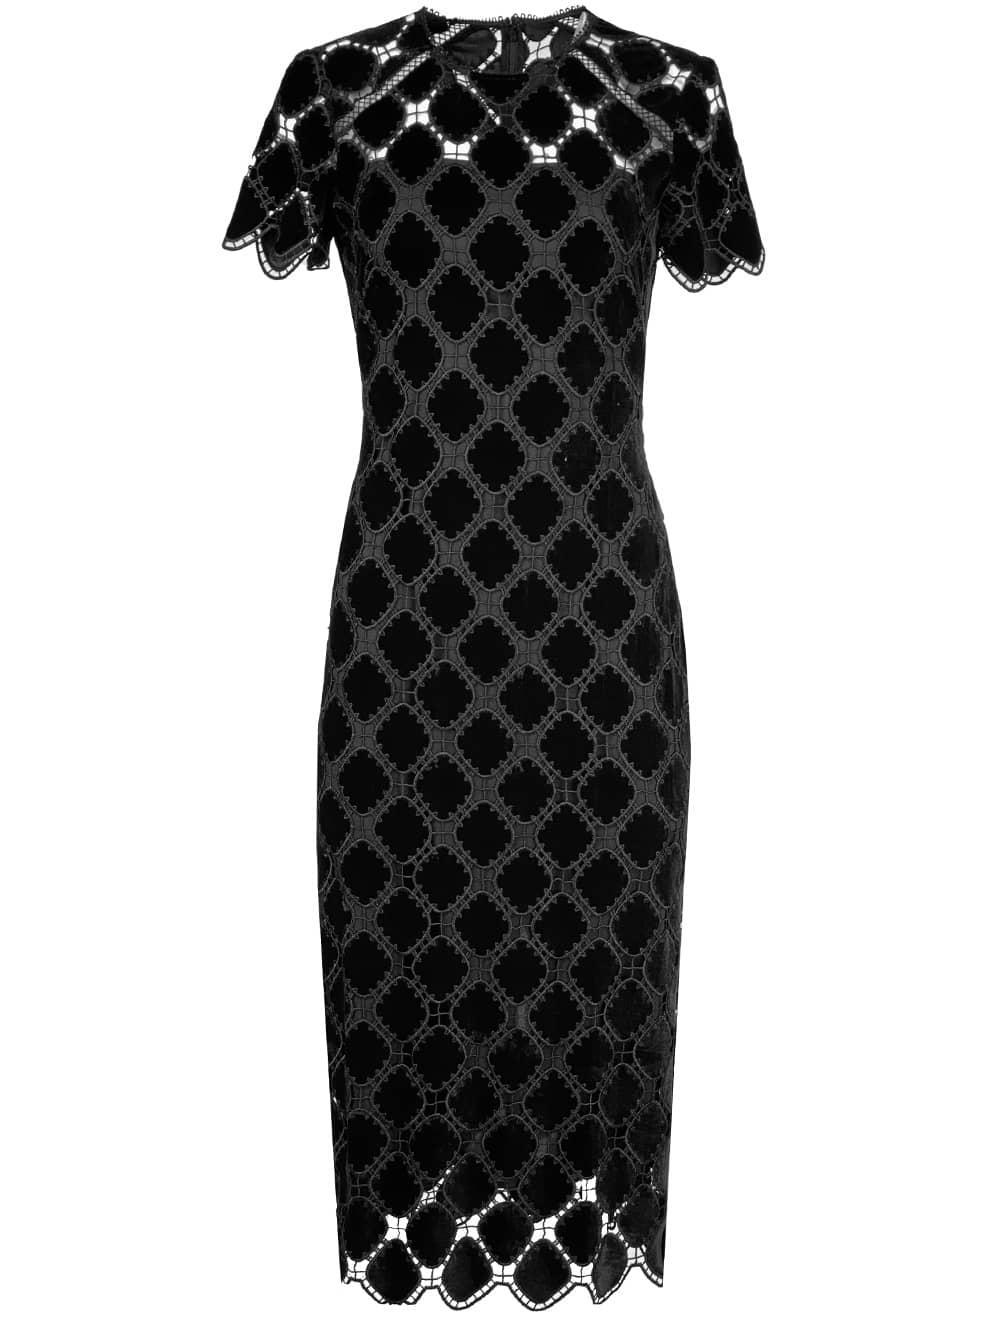 Kiriya Velvet Lace Dress Item # 649807